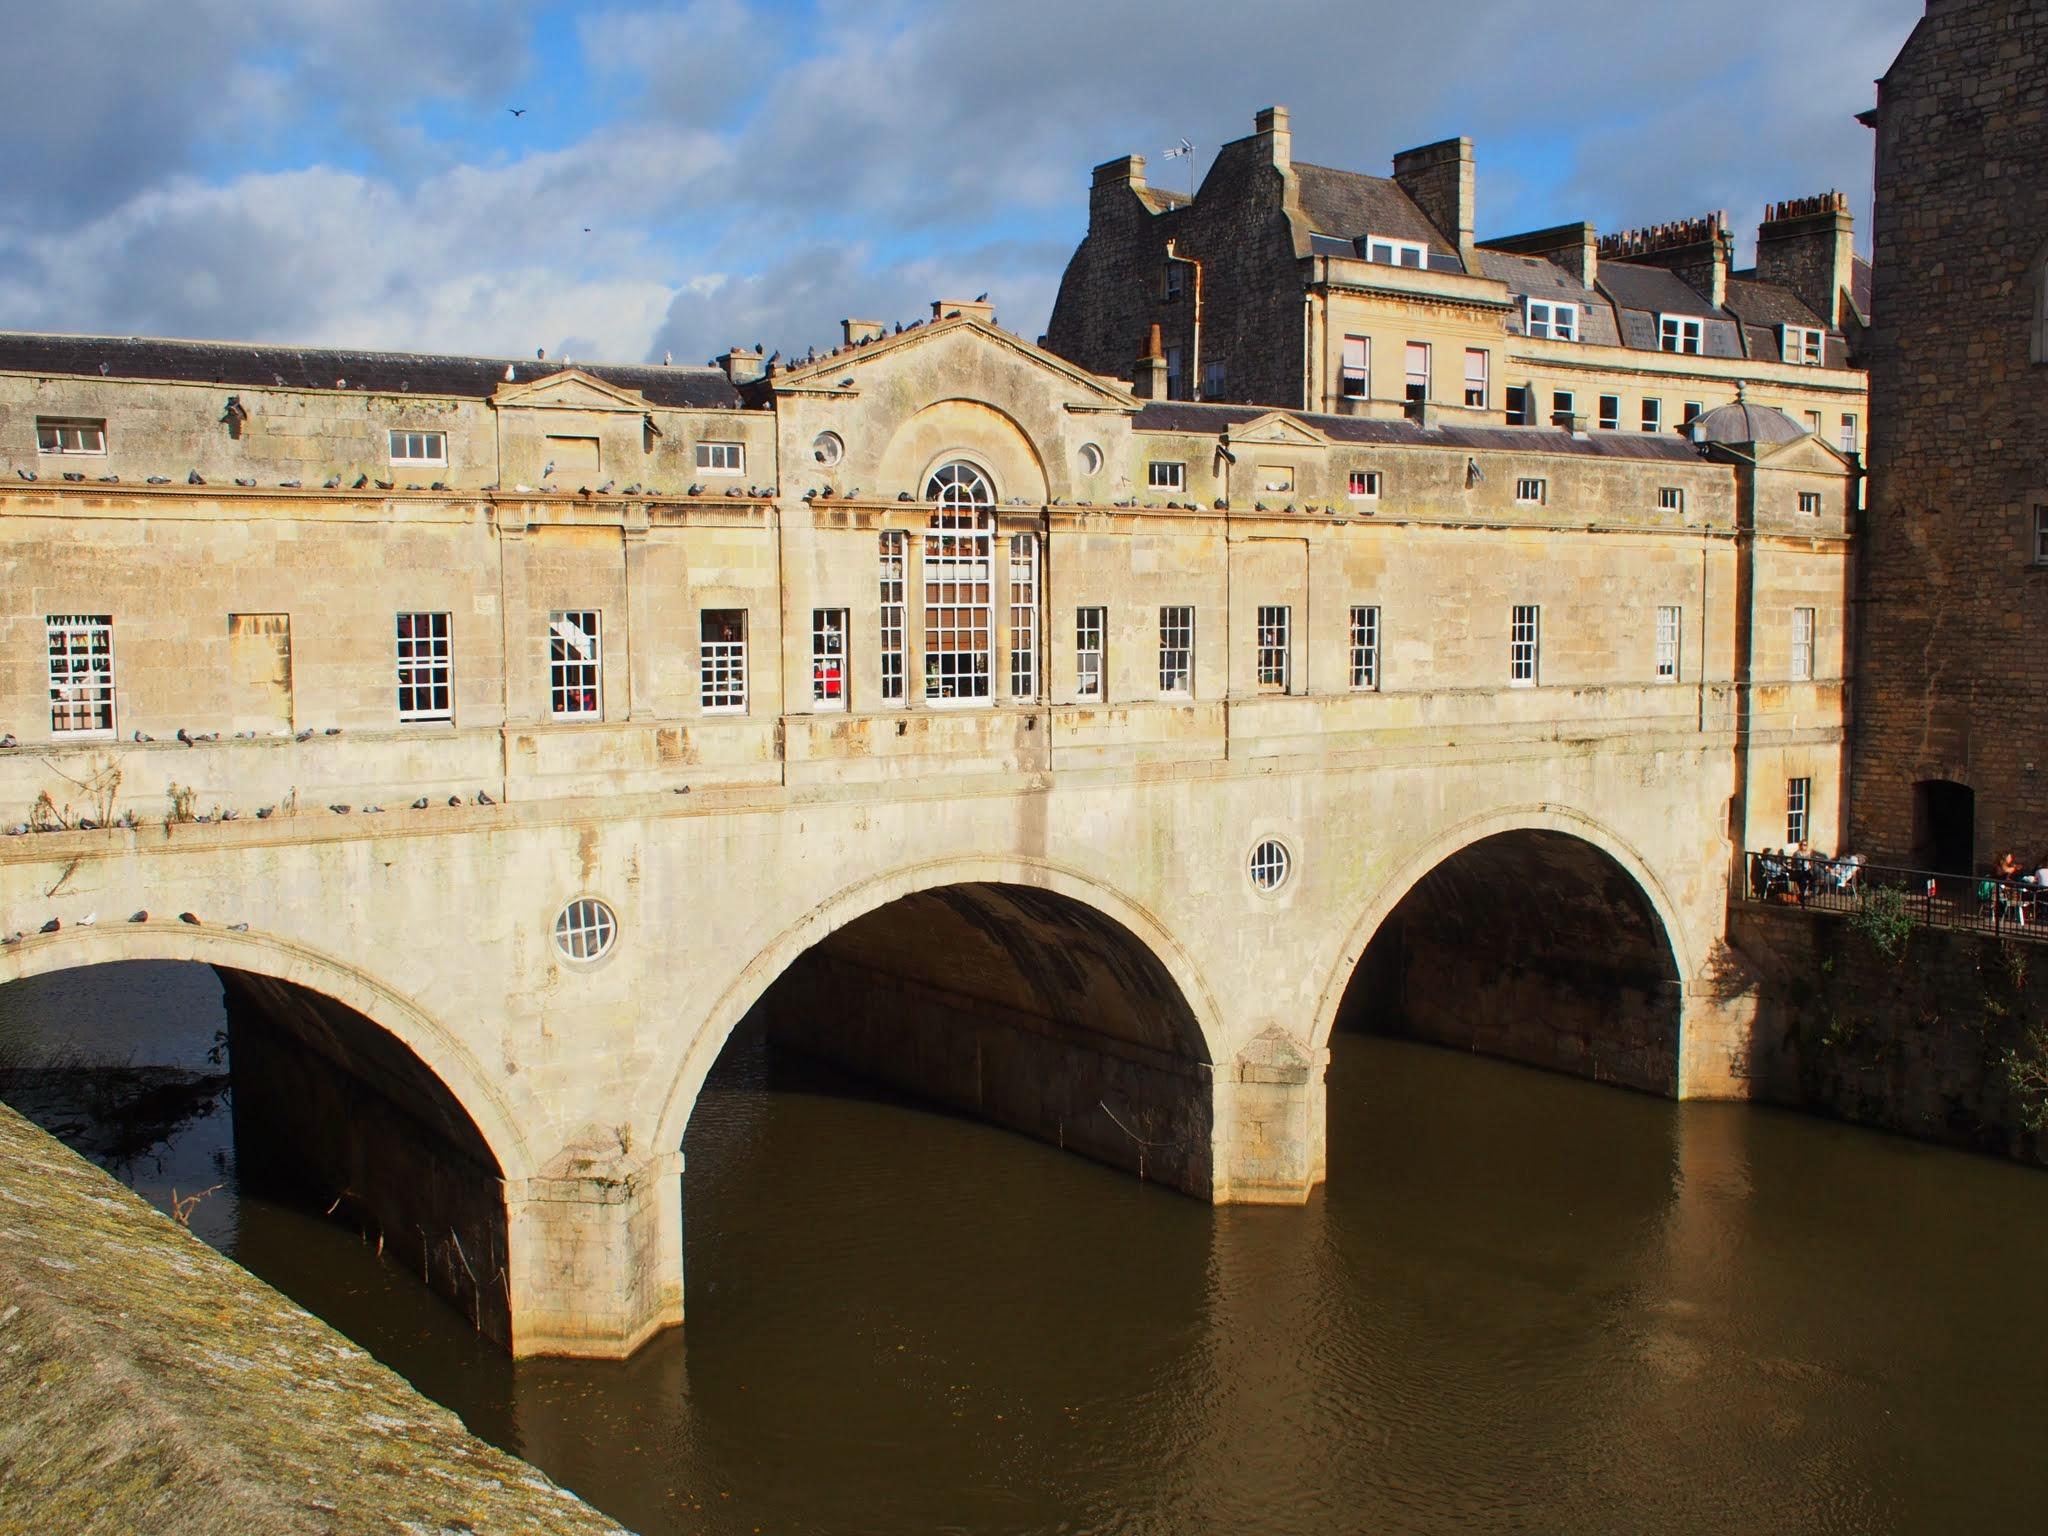 The Pulteney Bridge - Baths version of the Ponte Vecchio